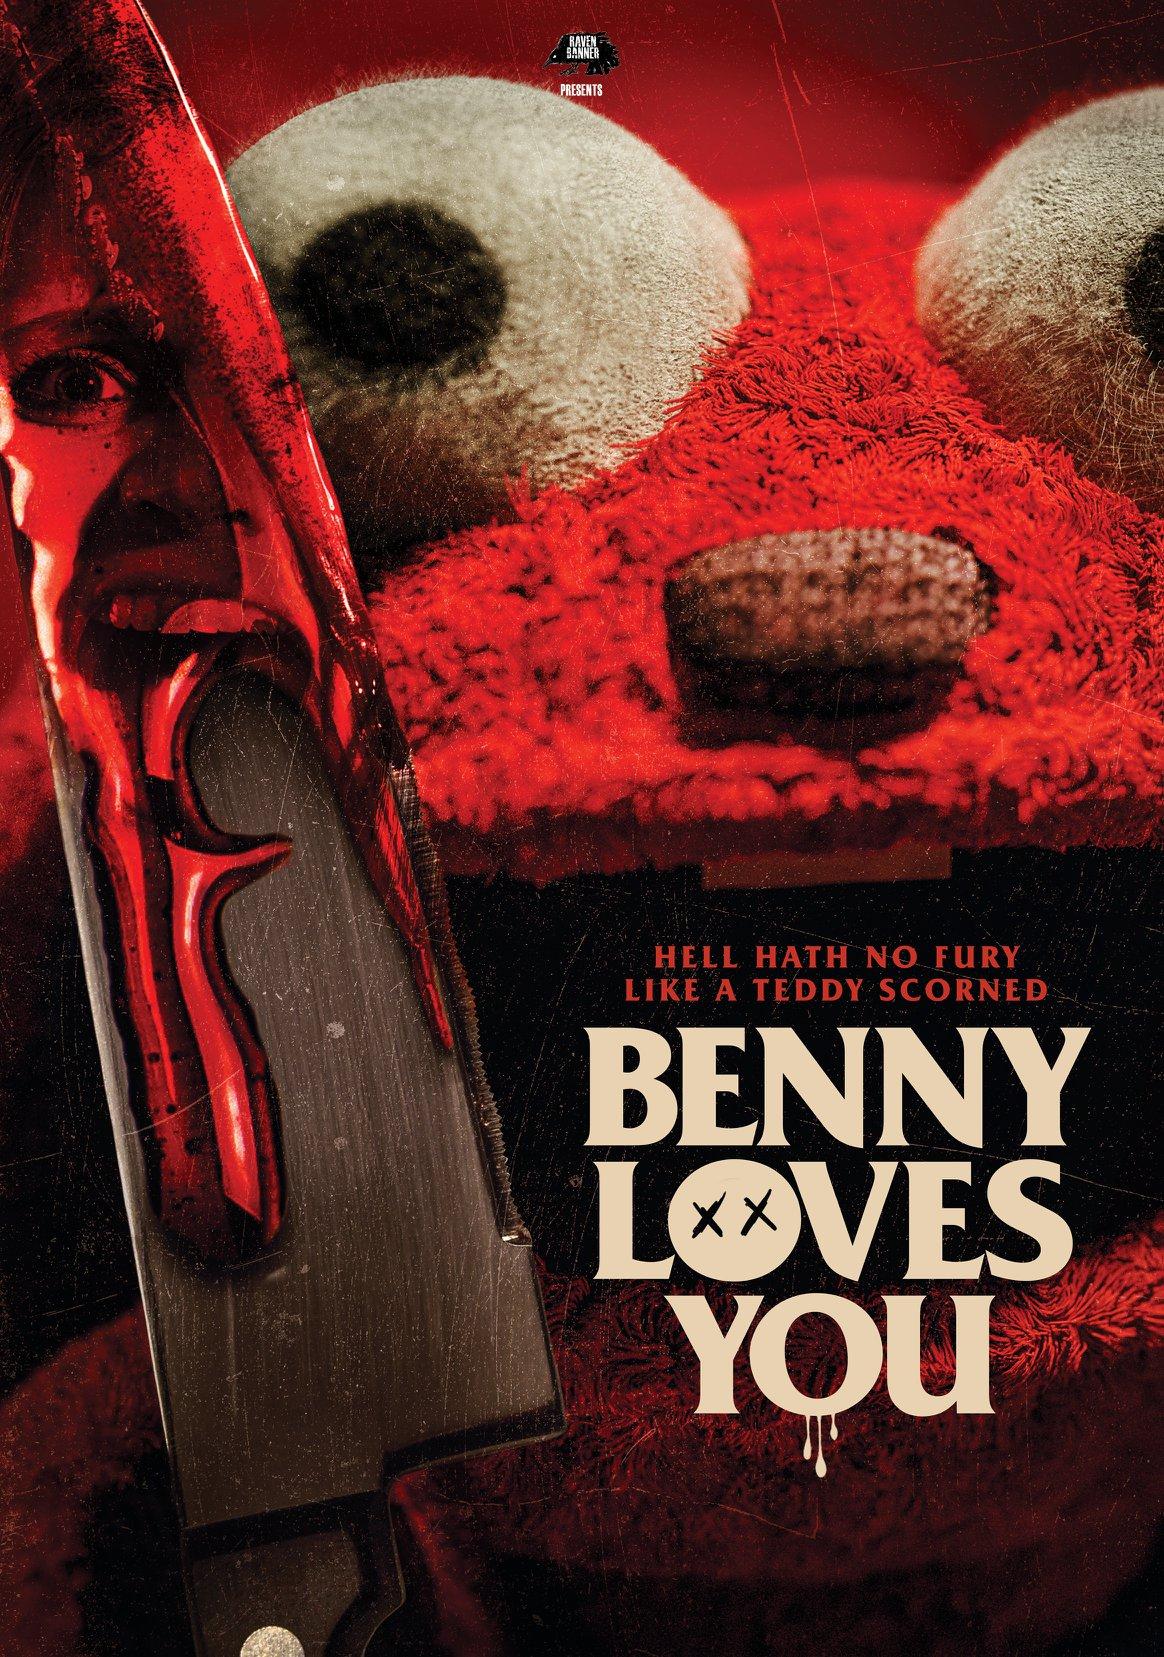 Benny Loves You affiche film